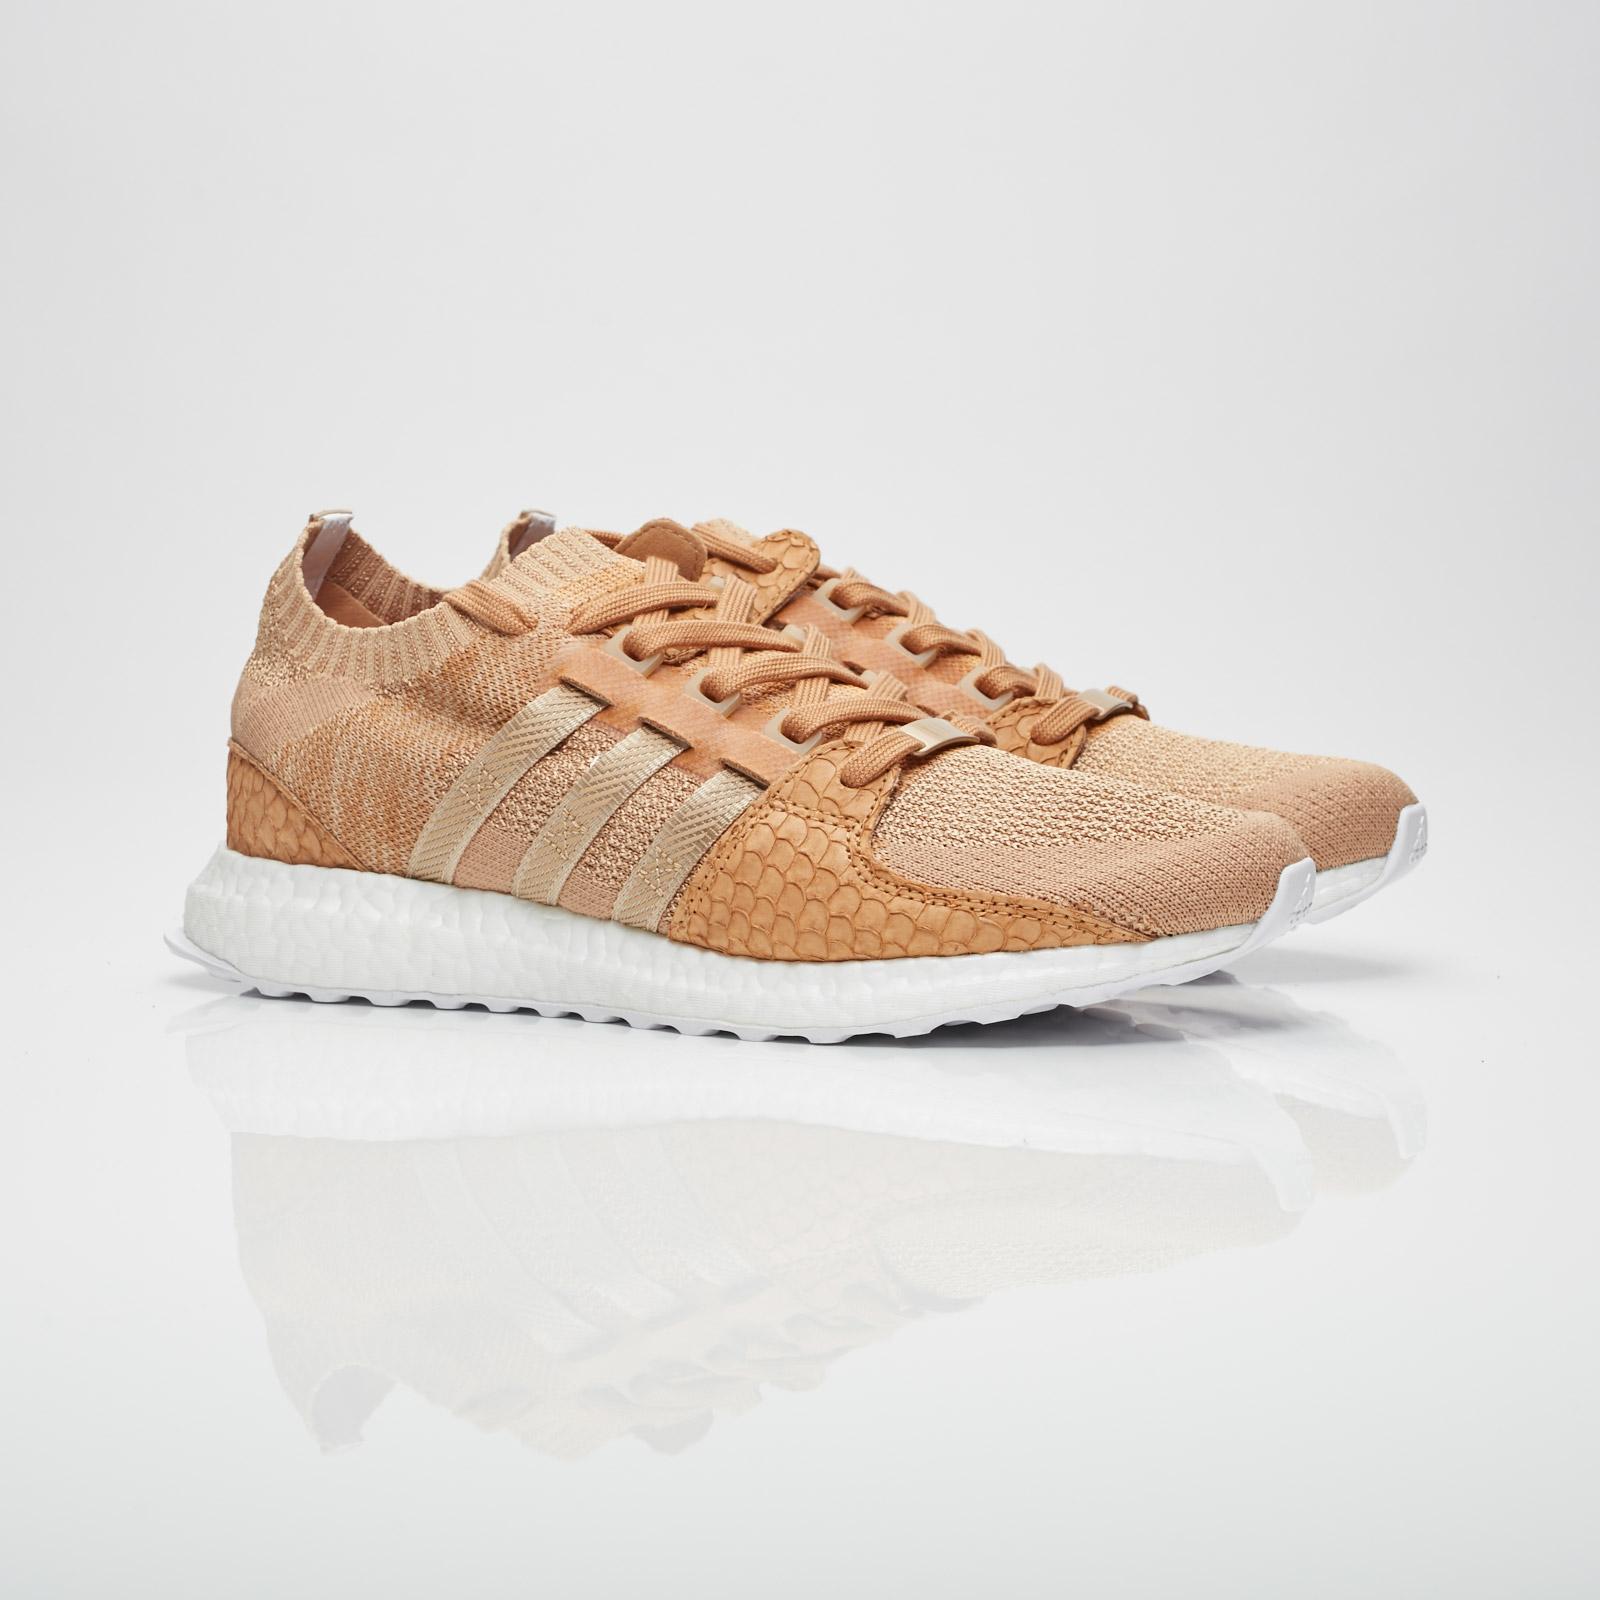 8756f8351d8892 adidas EQT Support Ultra PK x Pusha T - Db0181 - Sneakersnstuff ...